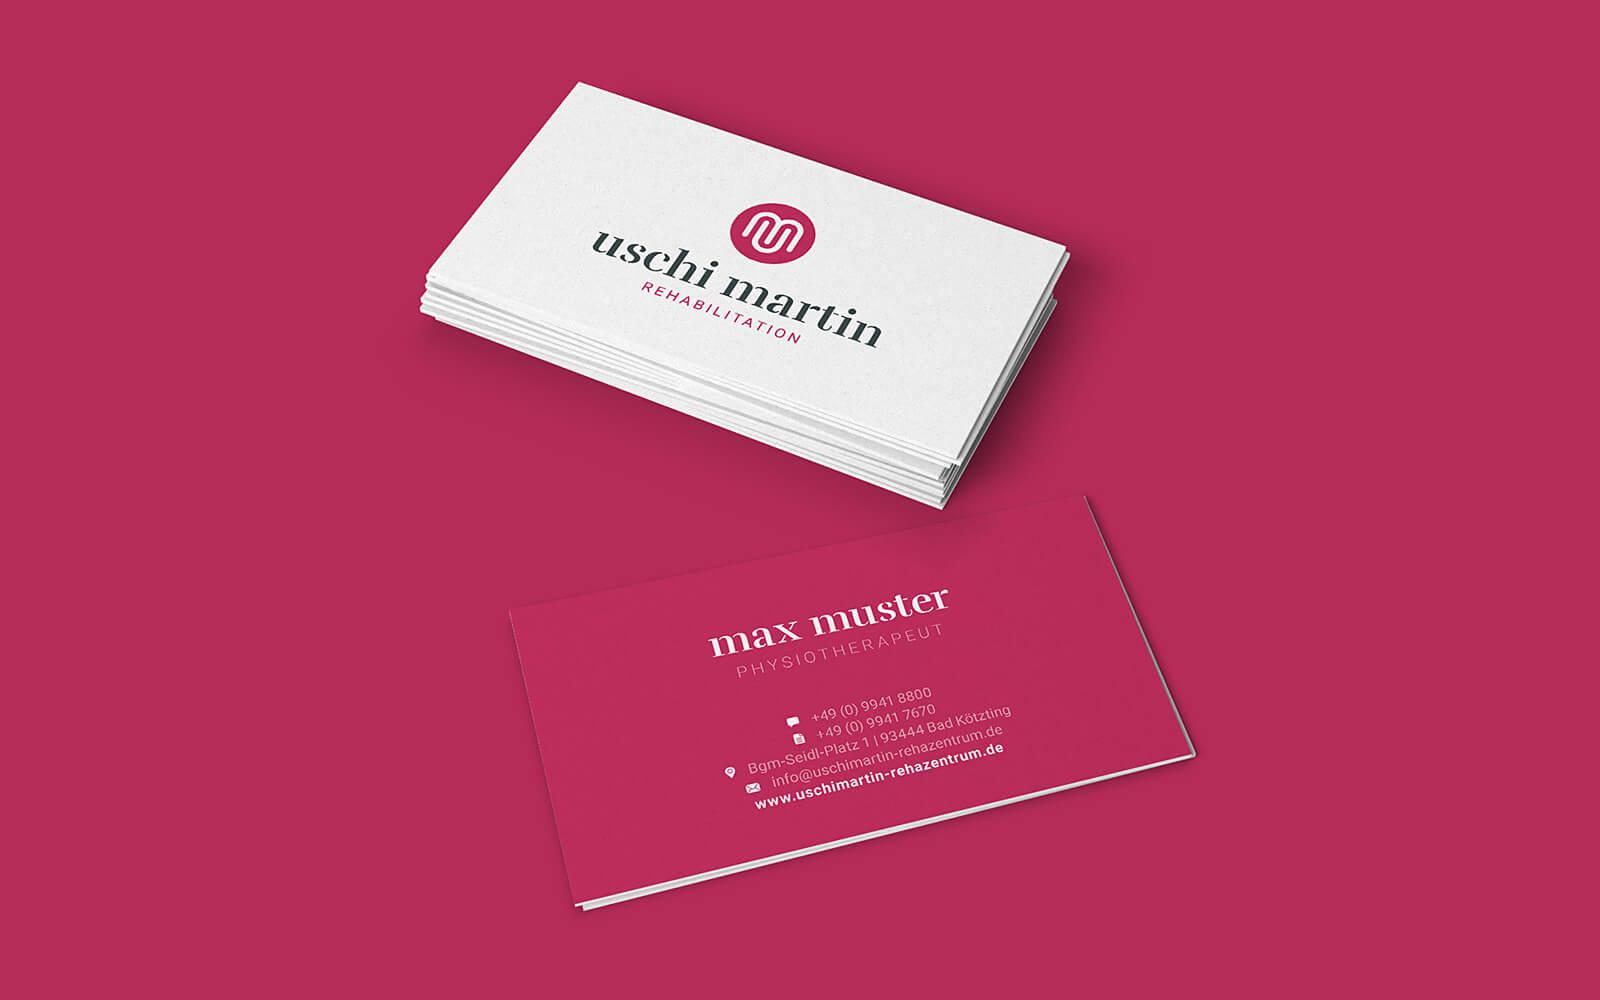 Uschi Martin – Visitenkarten für Rehabilitation